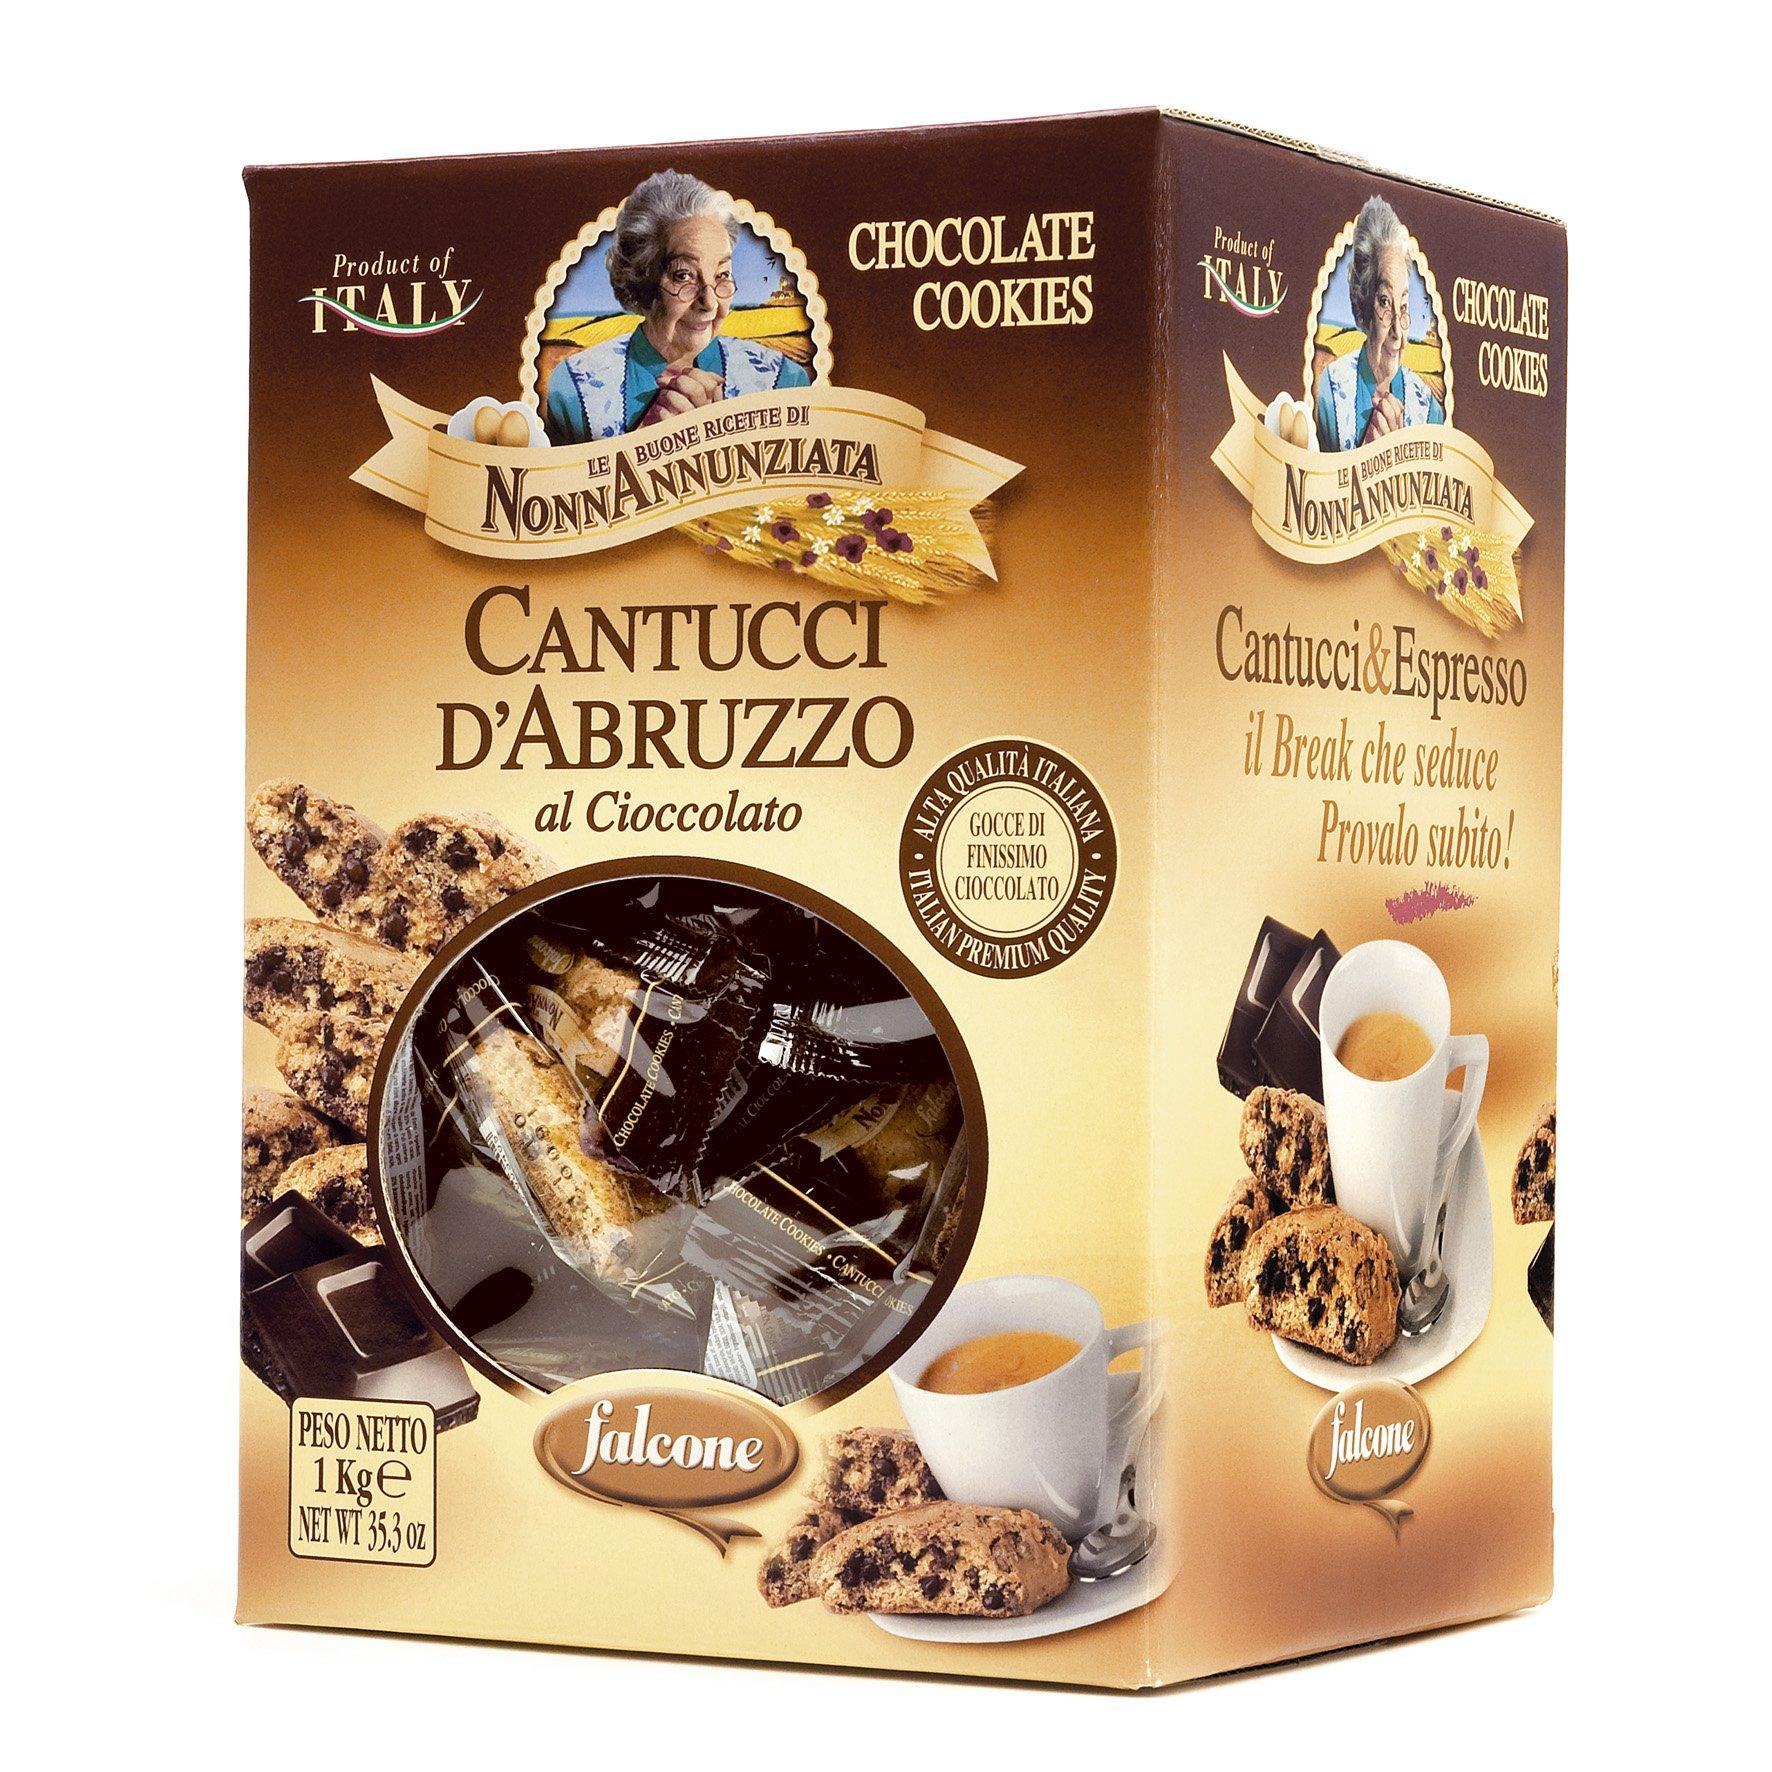 Nonna Annunziata Cantuccini D'Abruzzo Chocolate Chip Biscotti (35.3 ounce Box)